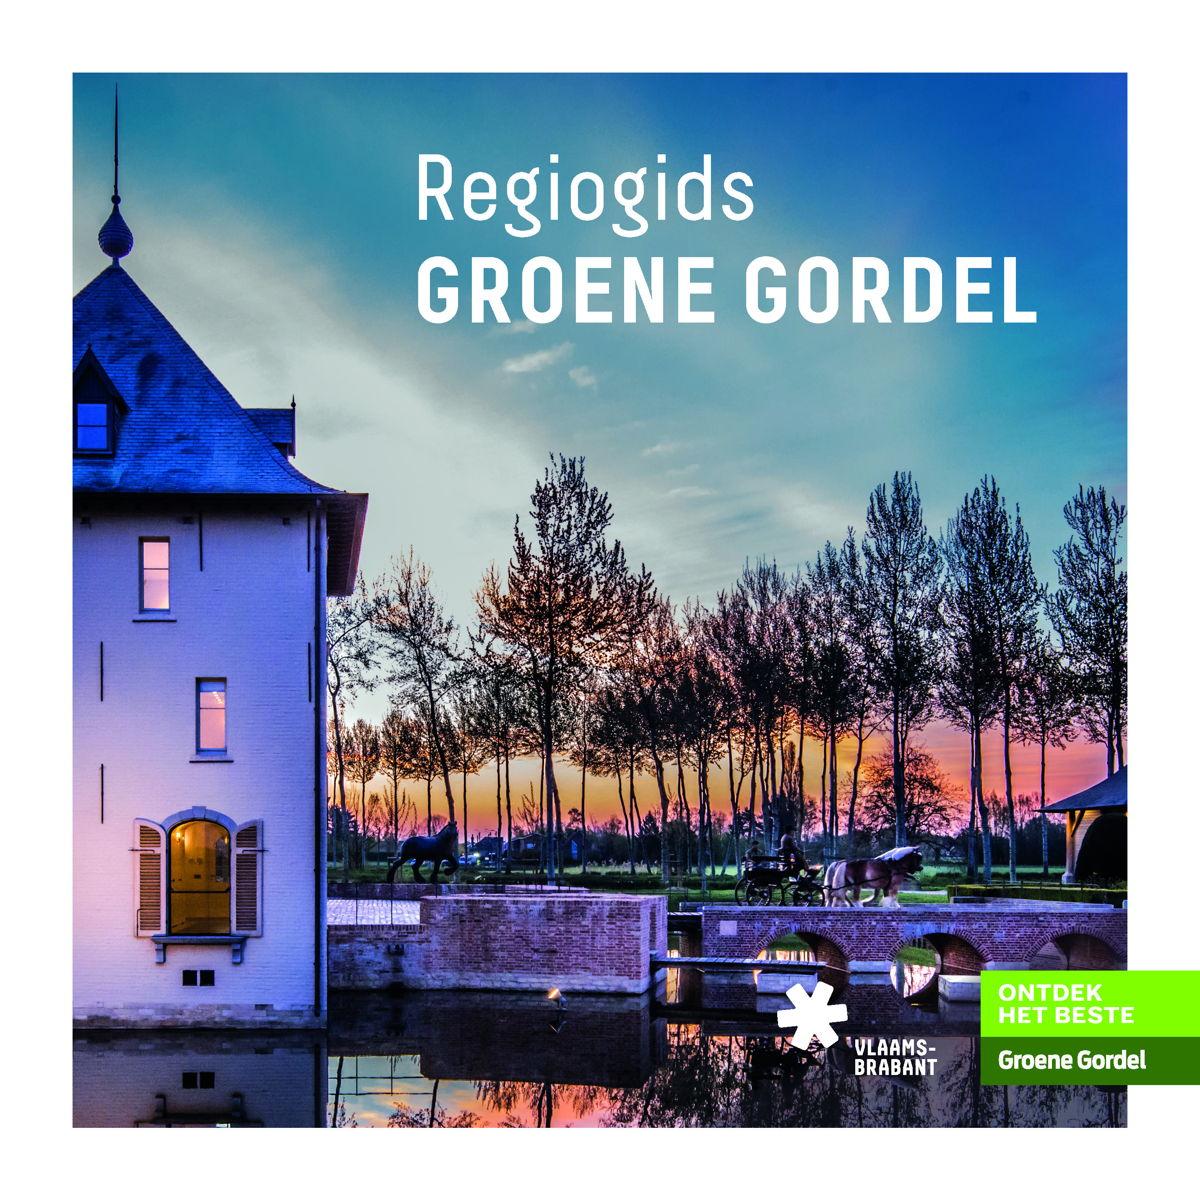 De cover van de Regiogids Groene Gordel boordevol informatie over de attracties en verborgen pllekjes voor toeristen én inwoners